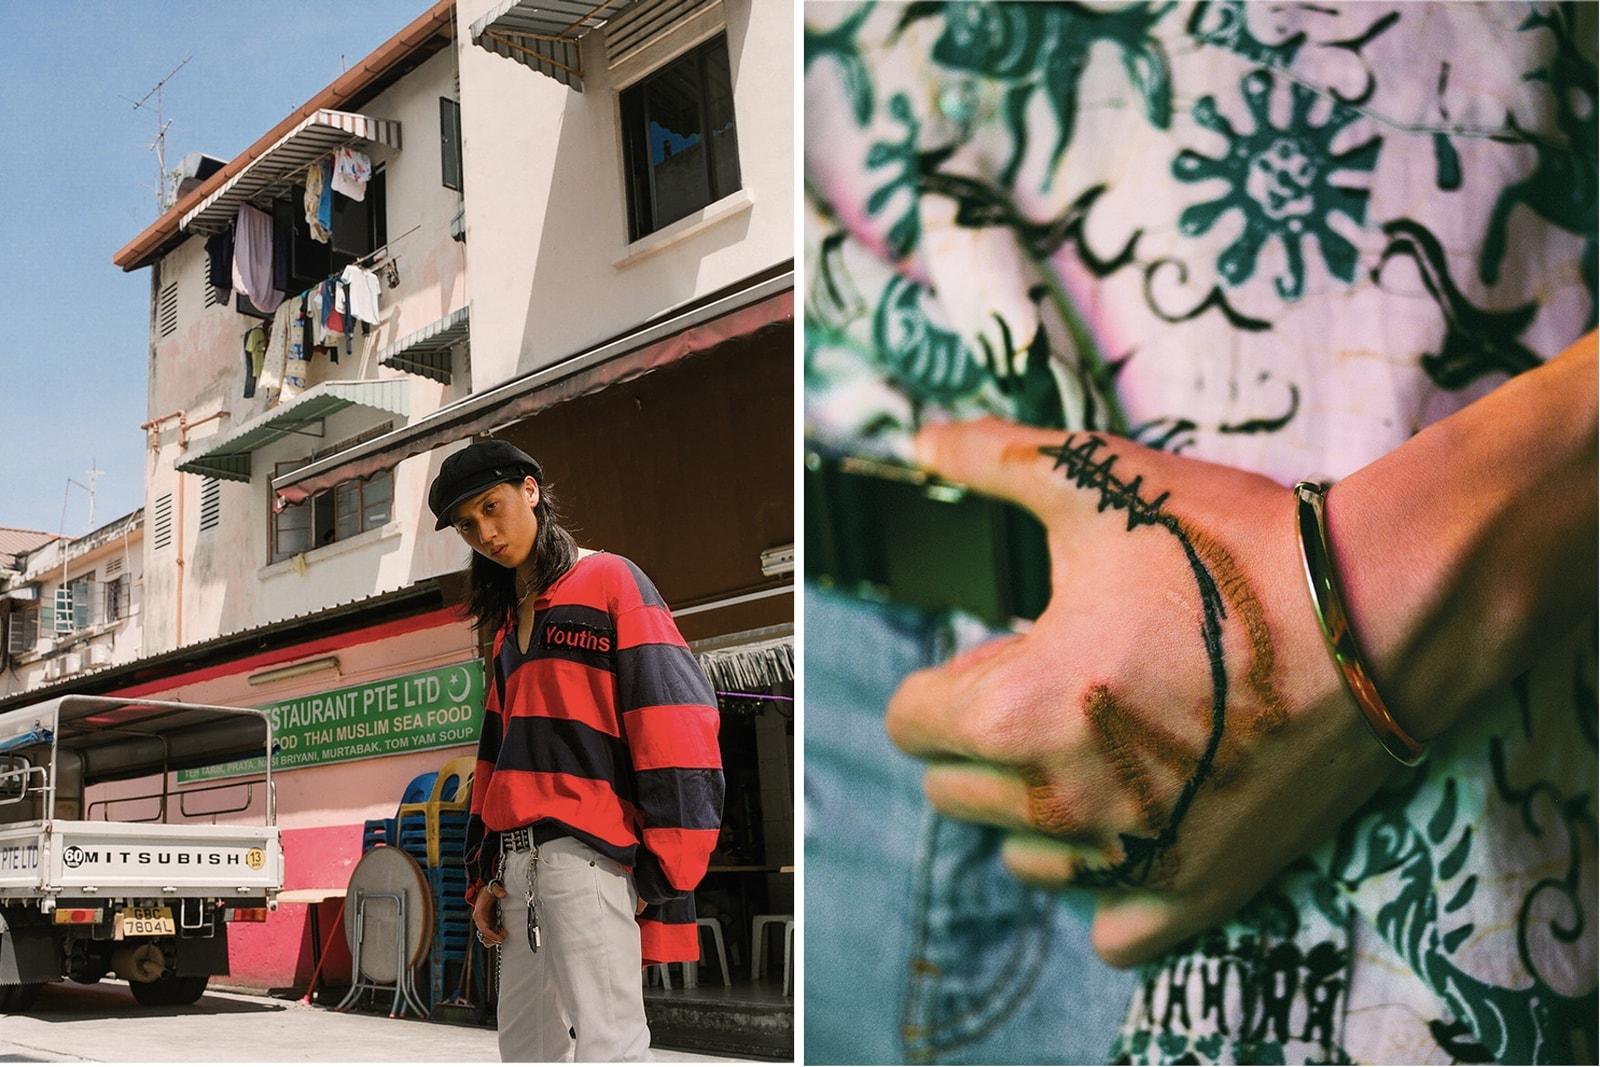 아드리안 조프 도버 스트릿 마켓 베이징 인터뷰 2018 adrian joffe dover street market beijing interview